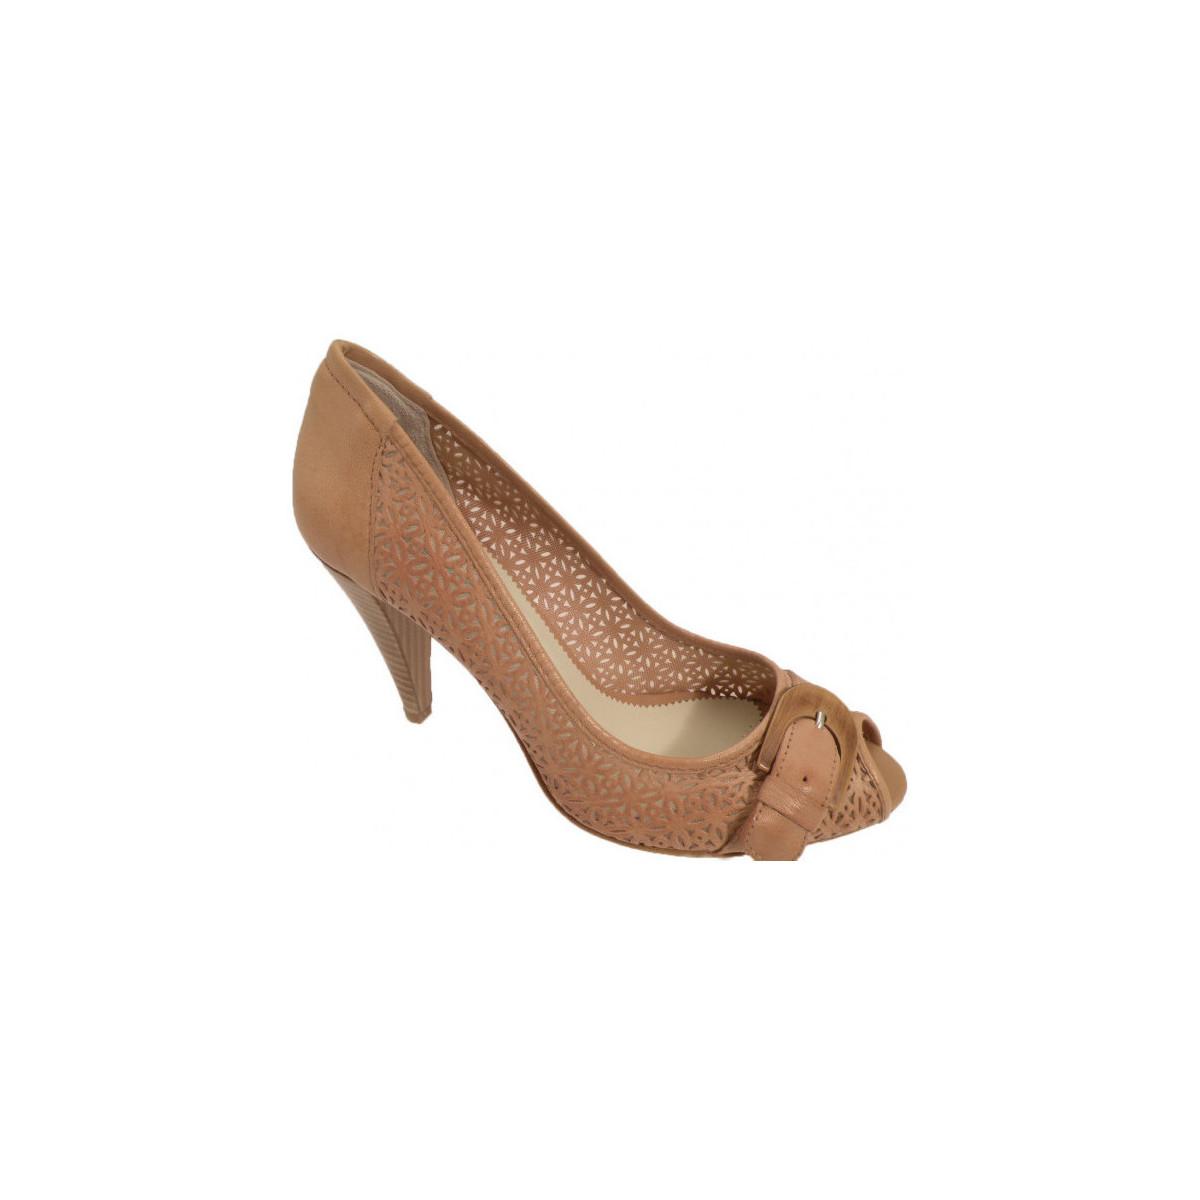 Pompe de chaussure talon Etsy